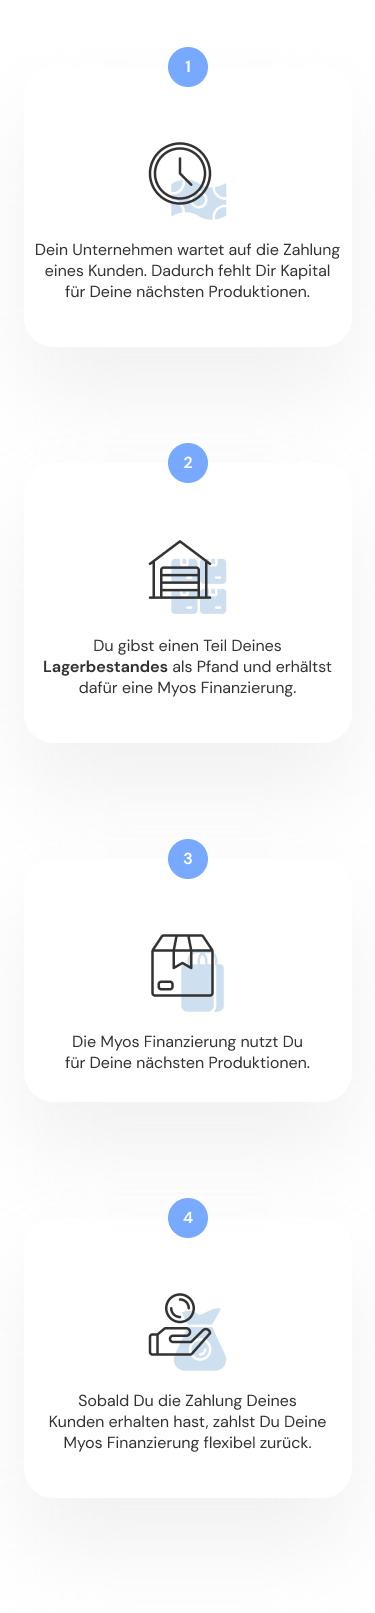 Infografik, welche die Querfinanzierung von Myos erklärt.